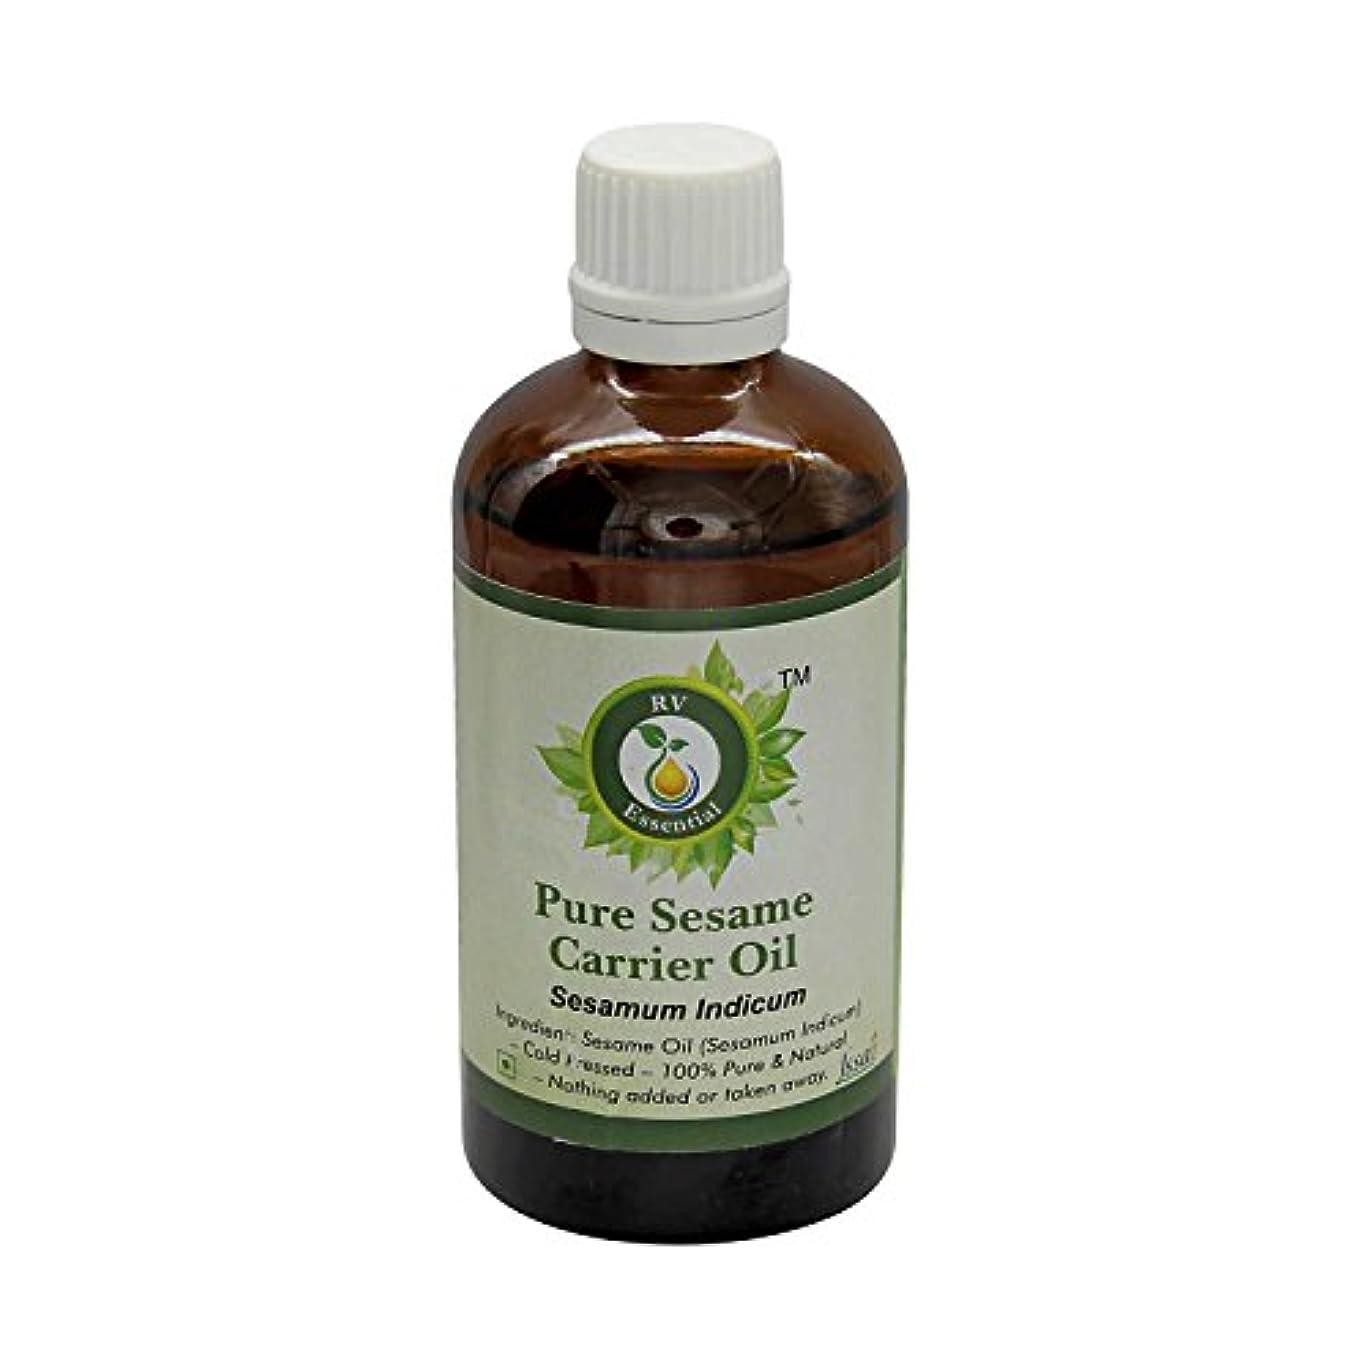 軽蔑死ぬ鈍いR V Essential 純粋なごま油15ml (0.507oz)- Sesamum Indicum (100%ピュア&ナチュラルコールドPressed) Pure Sesame Carrier Oil